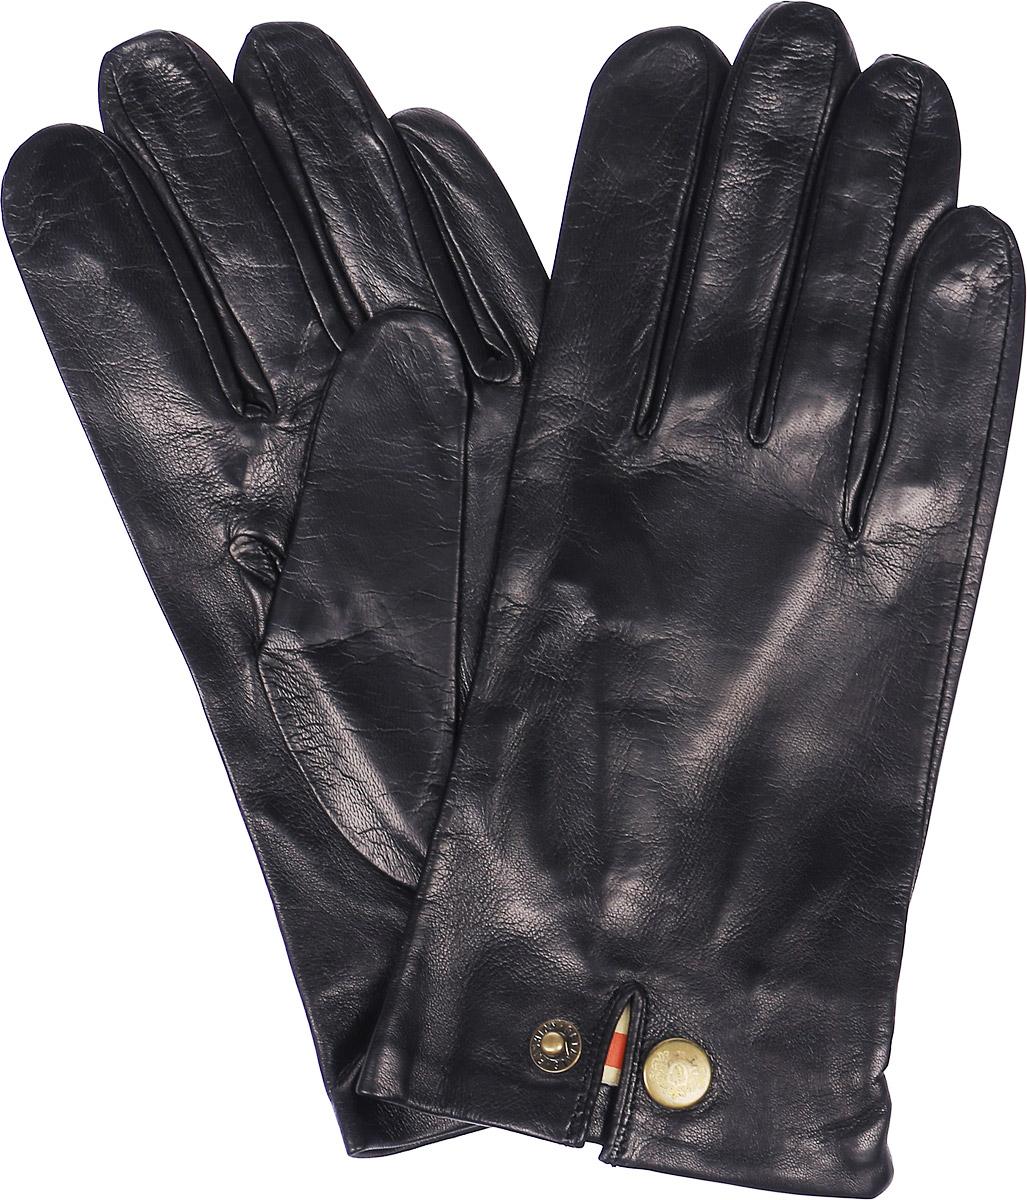 Перчатки мужские Michel Katana, цвет: черный. K81-EVENCH. Размер 9,5K81-EVENCH/BLМужские перчатки Michel Katana не только защитят ваши руки, но и станут великолепным украшением. Перчатки выполнены из натуральной кожи, а подкладка - из высококачественной шерсти. Модель оформлена кнопкой.